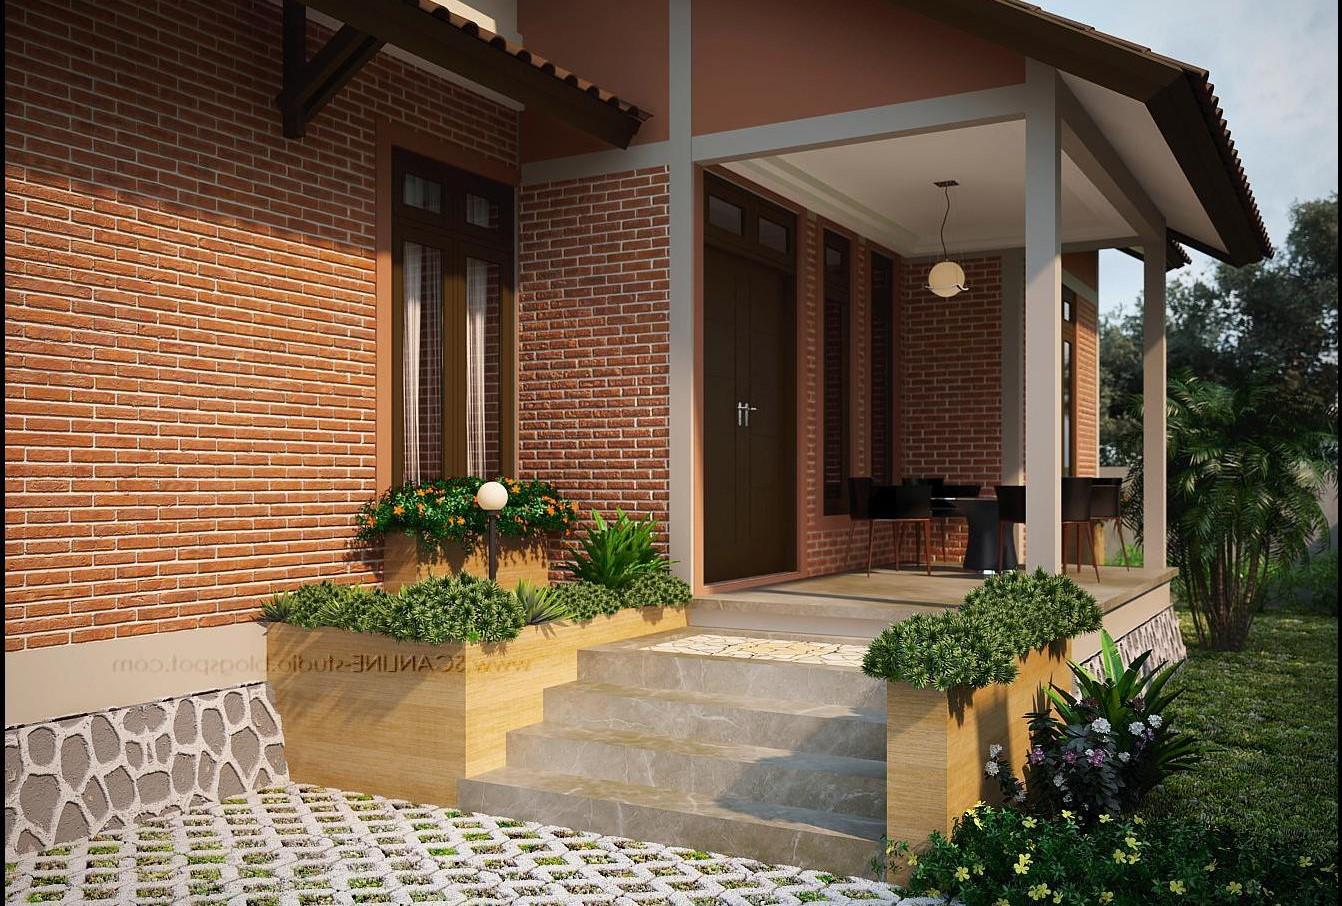 107 Desain Taman Minimalis Depan Rumah Type 36 Terbaru